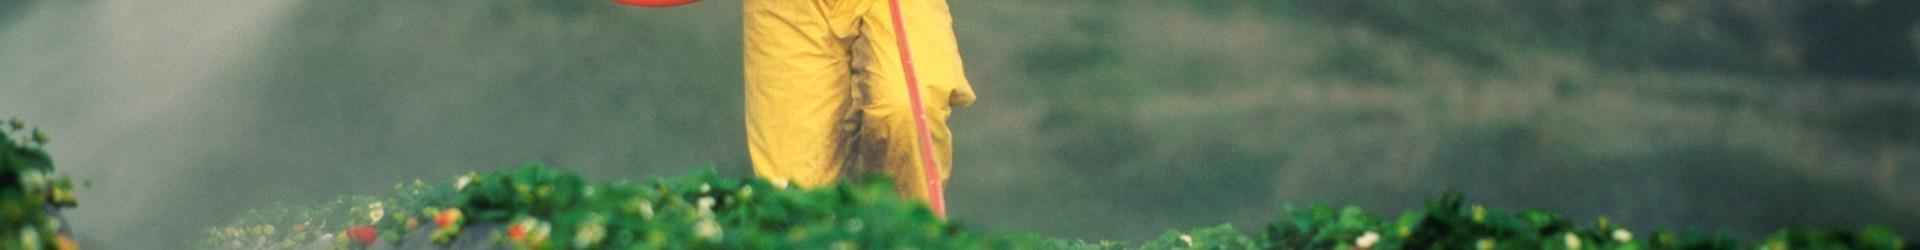 Como diminuir a quantidade de agrotóxicos nos alimentos?